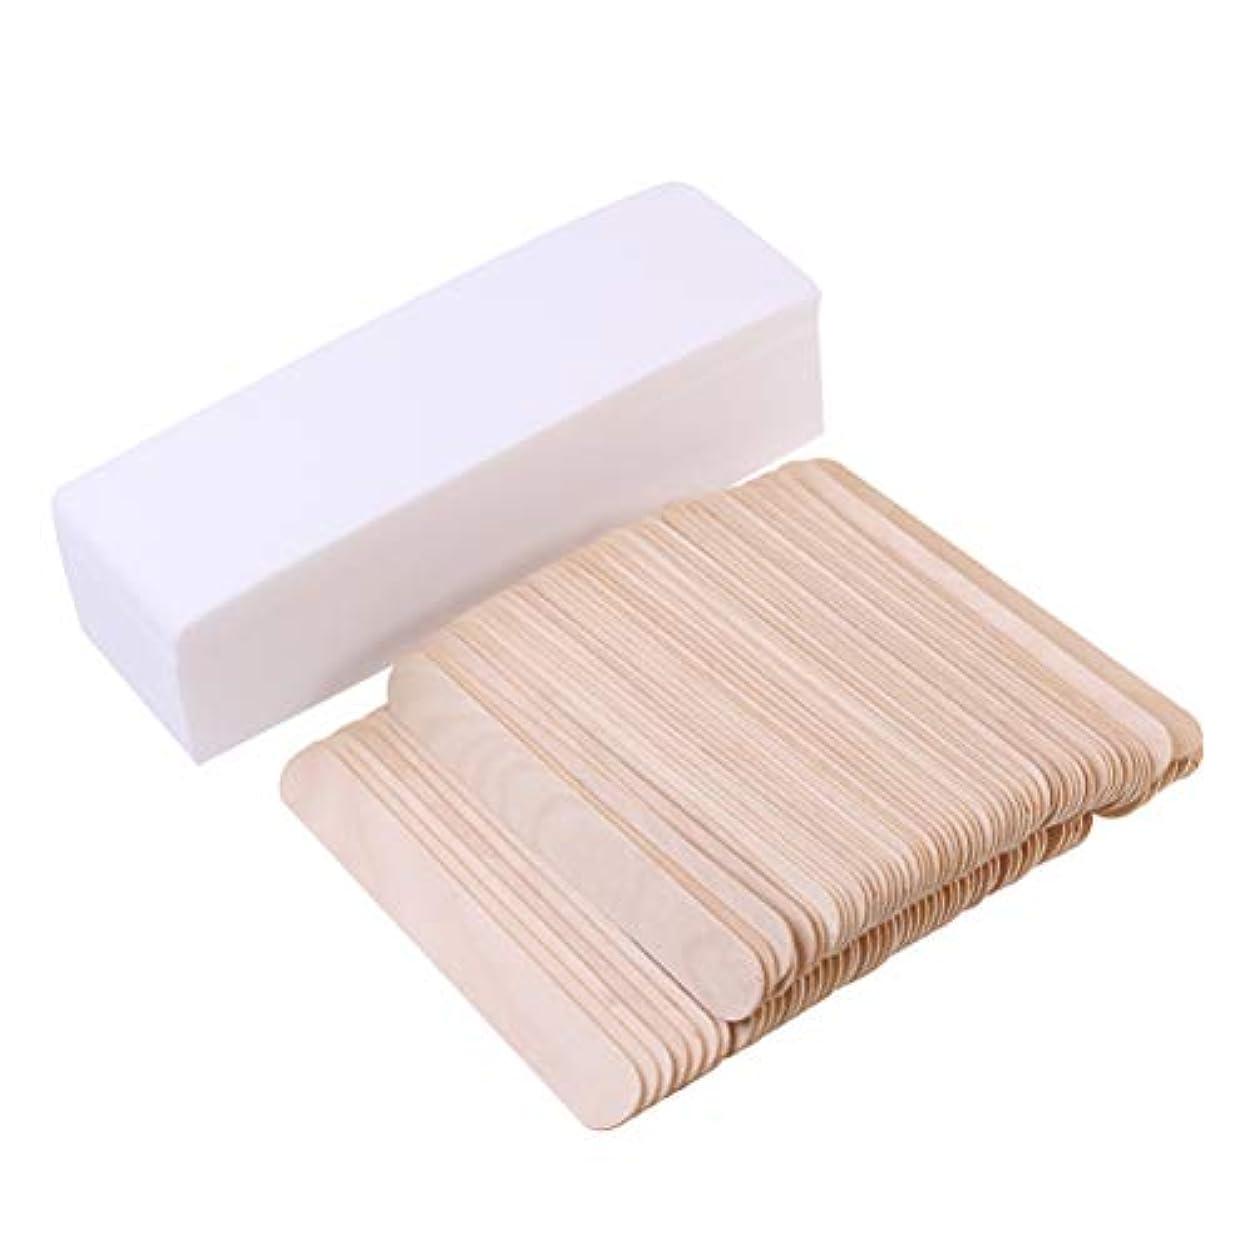 望み特性ピラミッドHealifty ヘアーリー使い捨て脱毛ワックス不織布フェイシャルボディストリップ紙脱毛舌圧子脱毛器でワックススティック100ピース